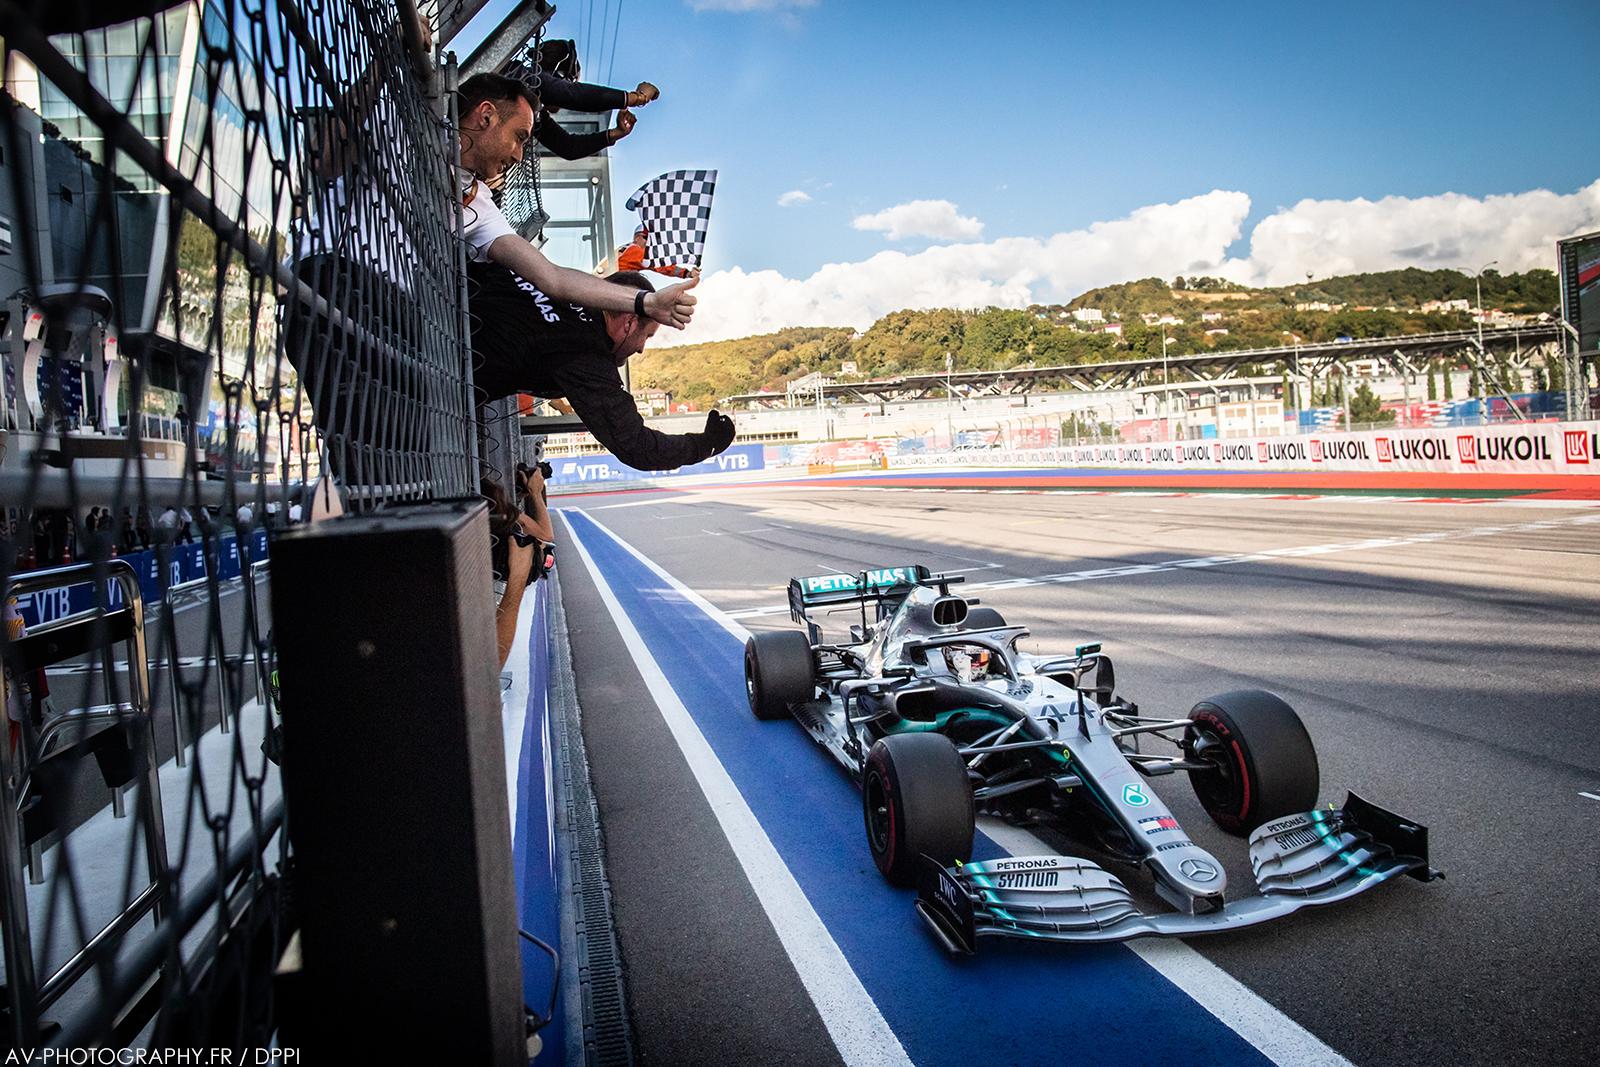 F1 – RUSSIAN GRAND PRIX 2019